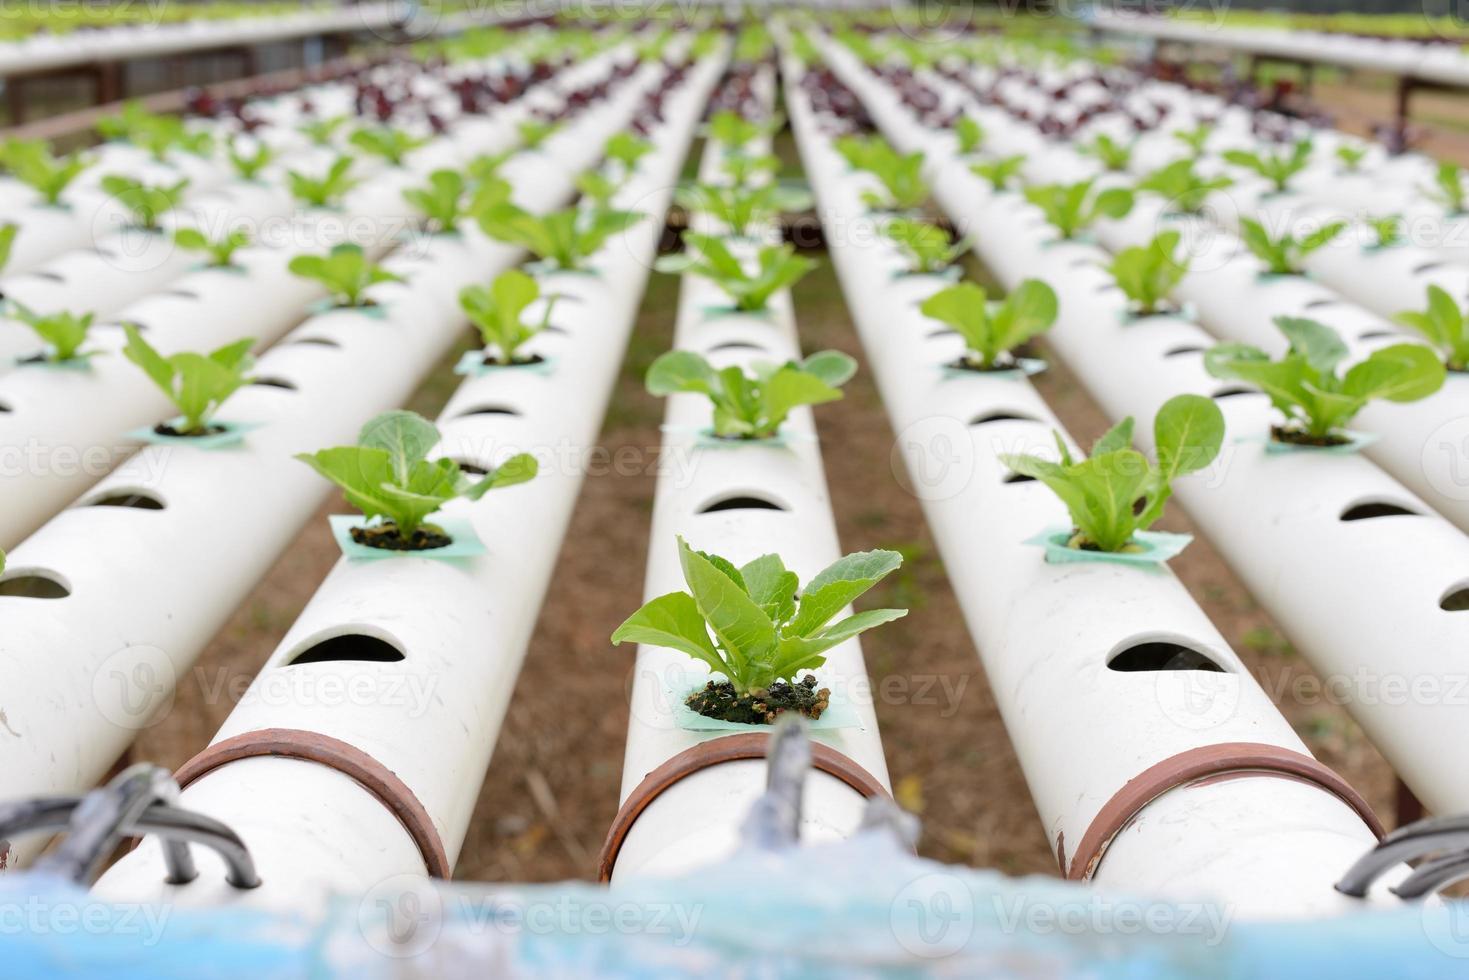 plantação de vegetais hidropônicos foto